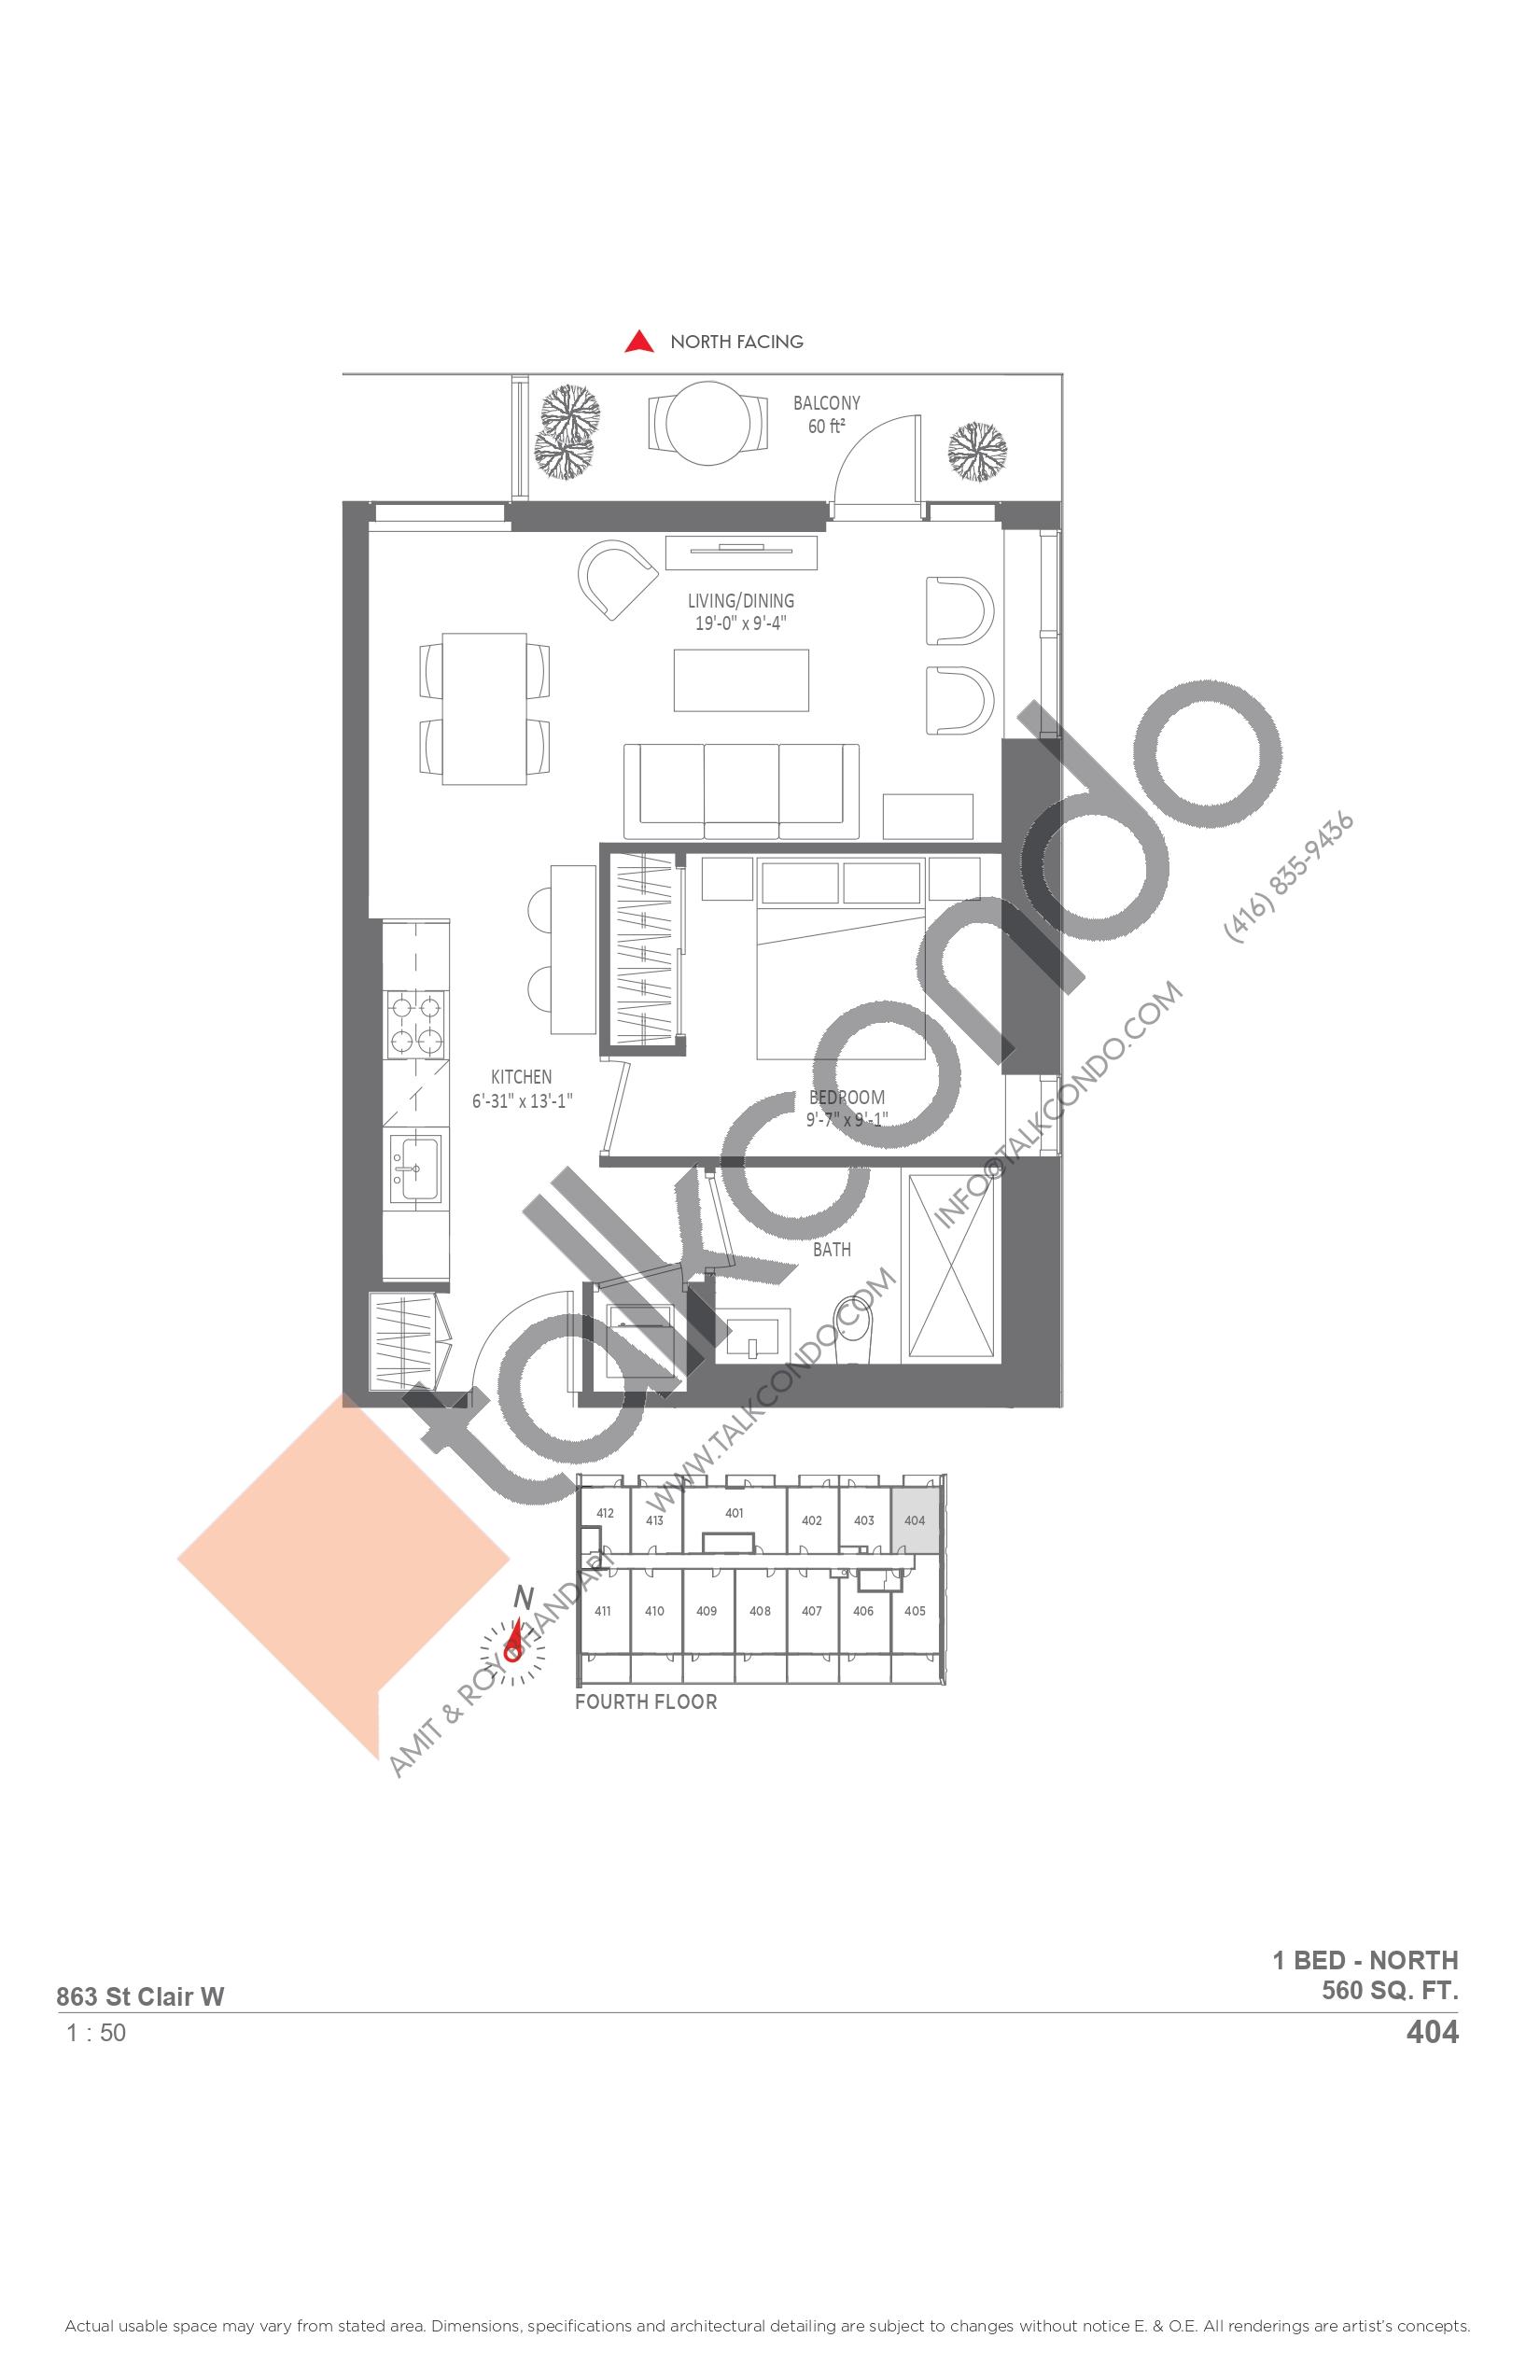 404 Floor Plan at Monza Condos - 560 sq.ft